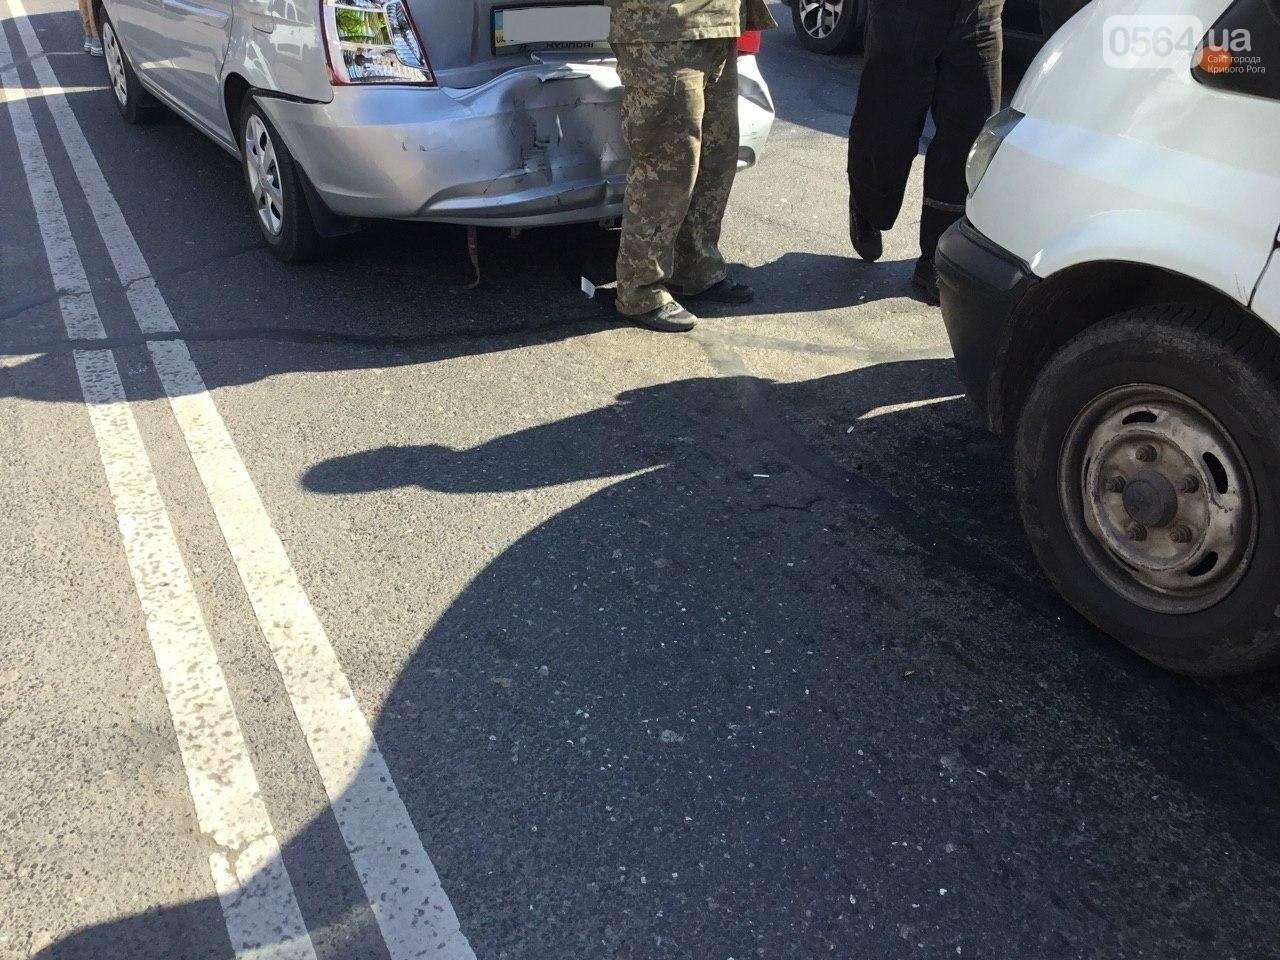 На центральном проспекте Кривого Рога столкнулись 4 автомобиля, - ФОТО, фото-9